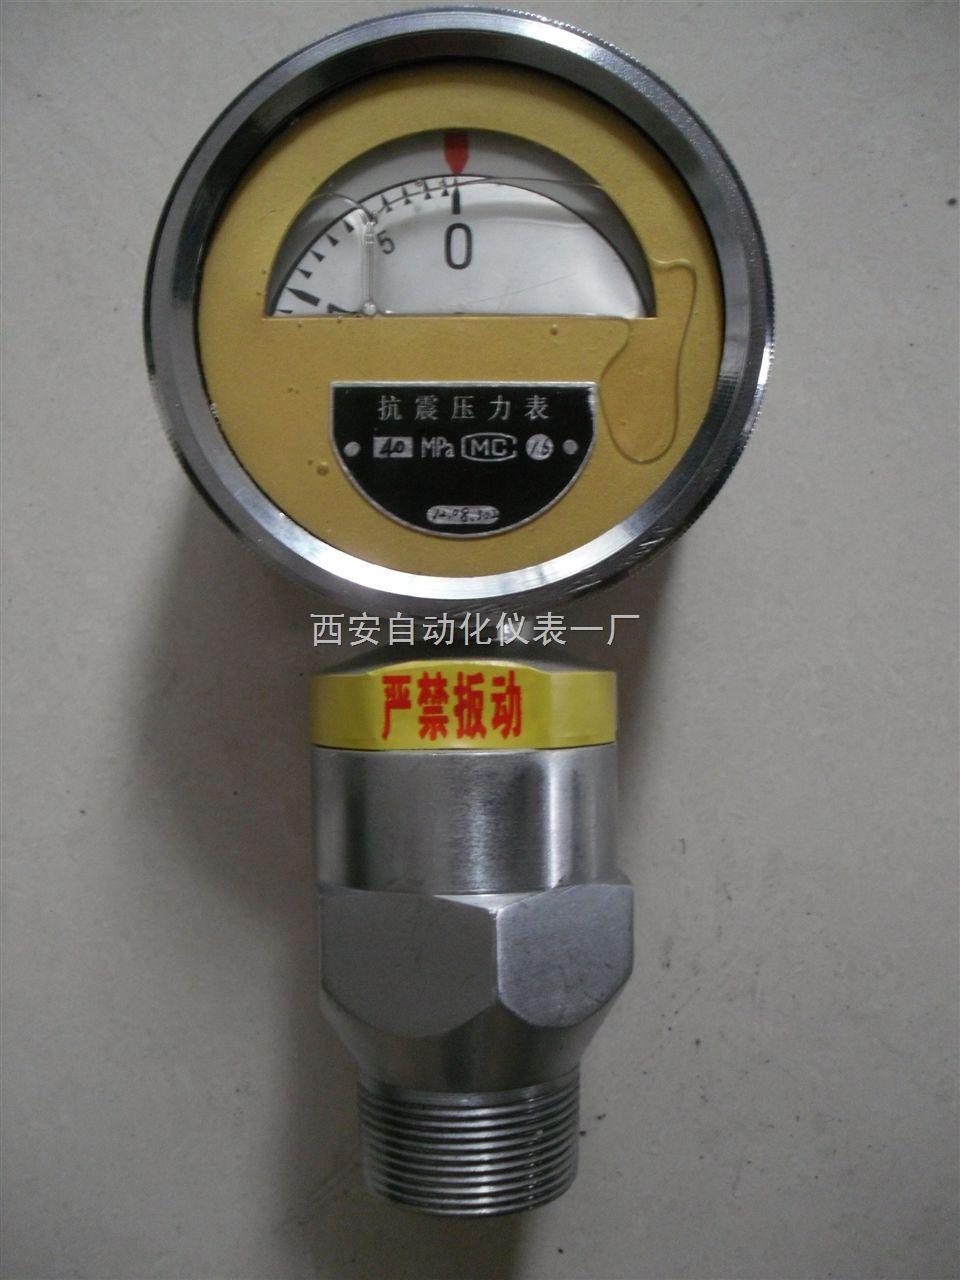 新疆,油田压力表,抗震压力表,不锈钢压力表